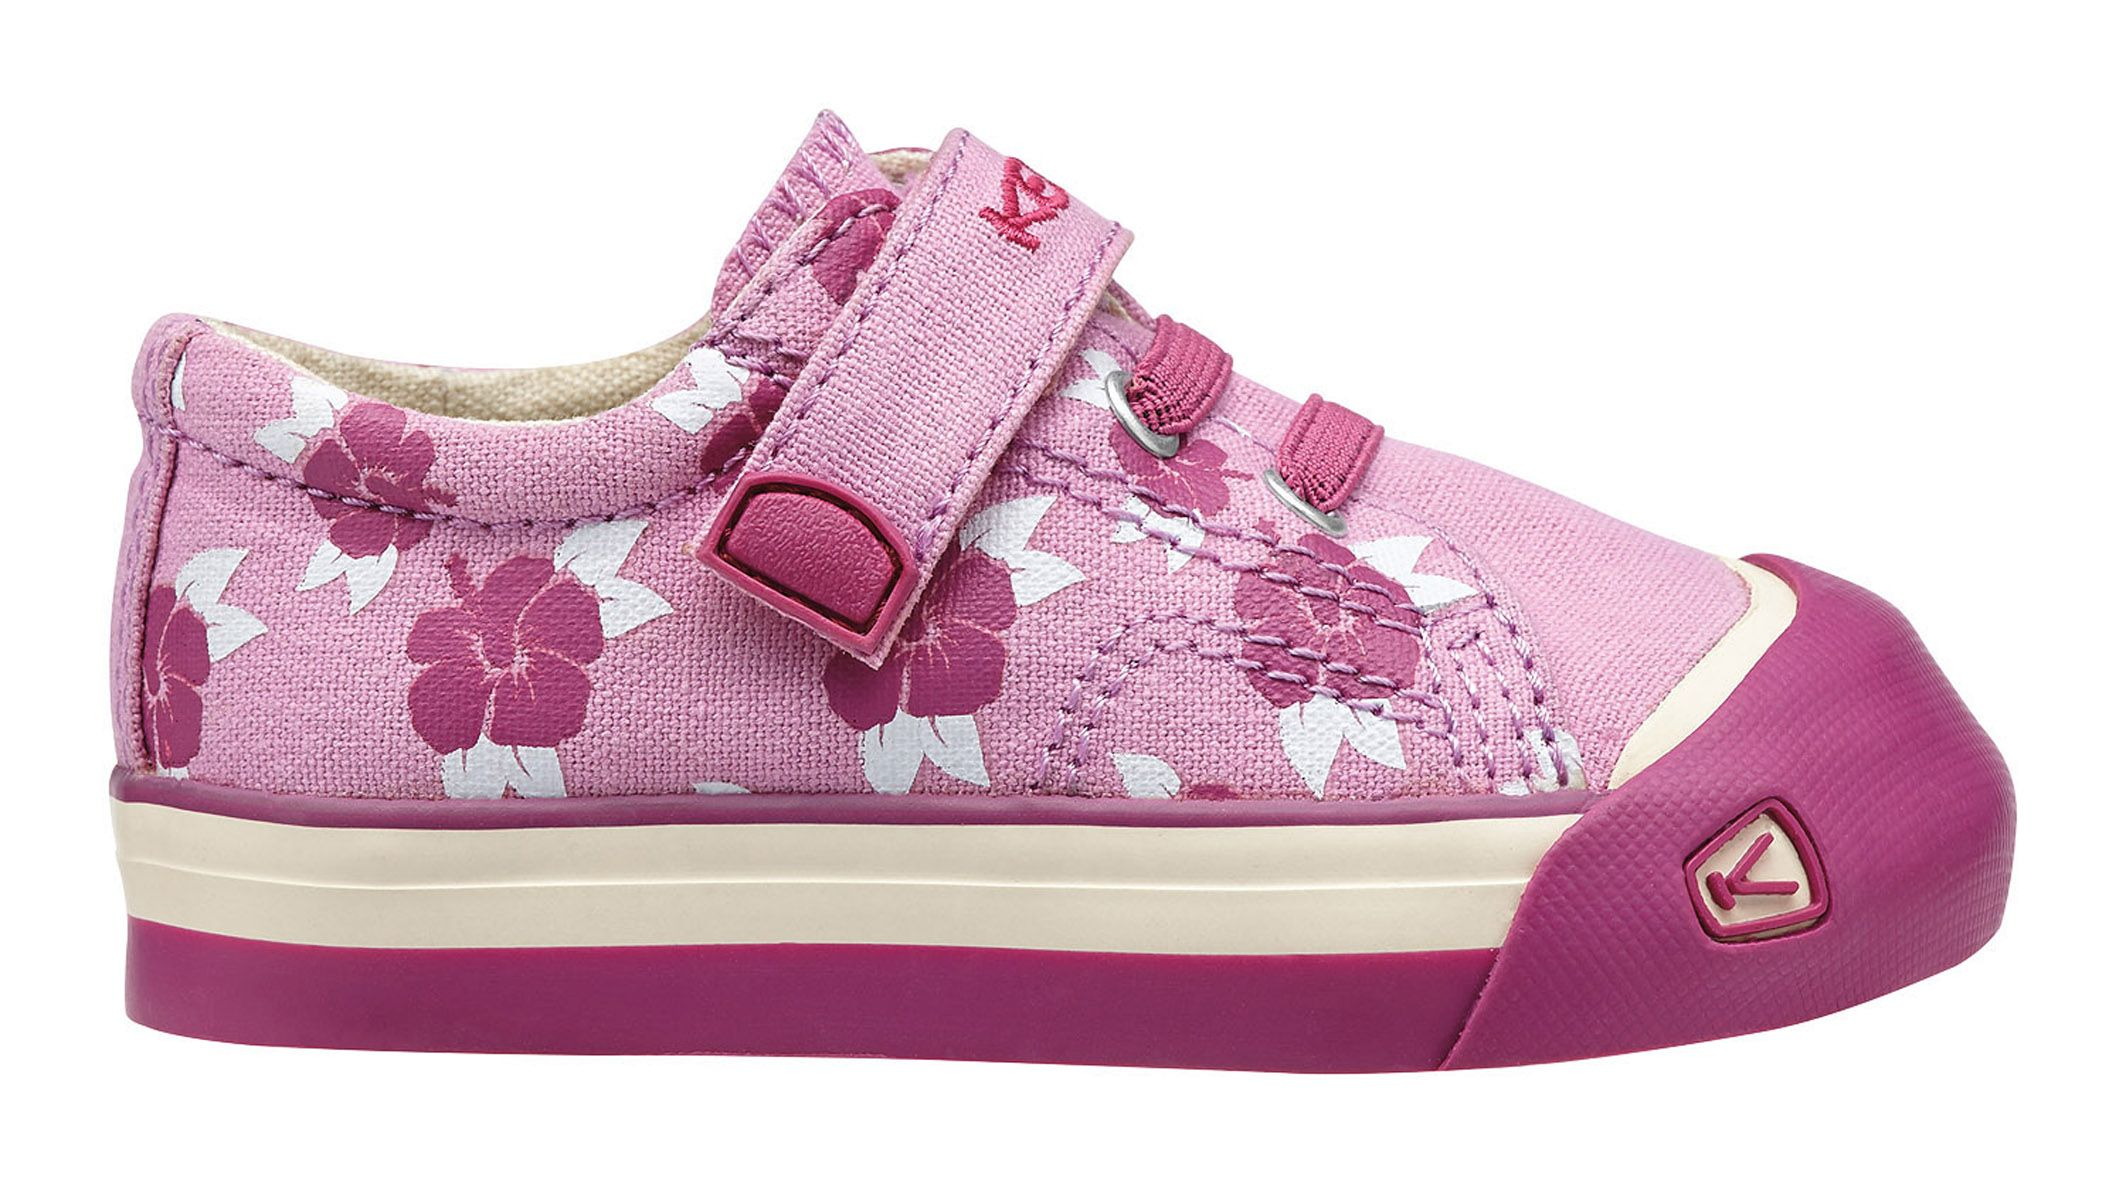 Keen - Coronado Print Lilac Chiffon Hibiscus - Sneakers - US 6